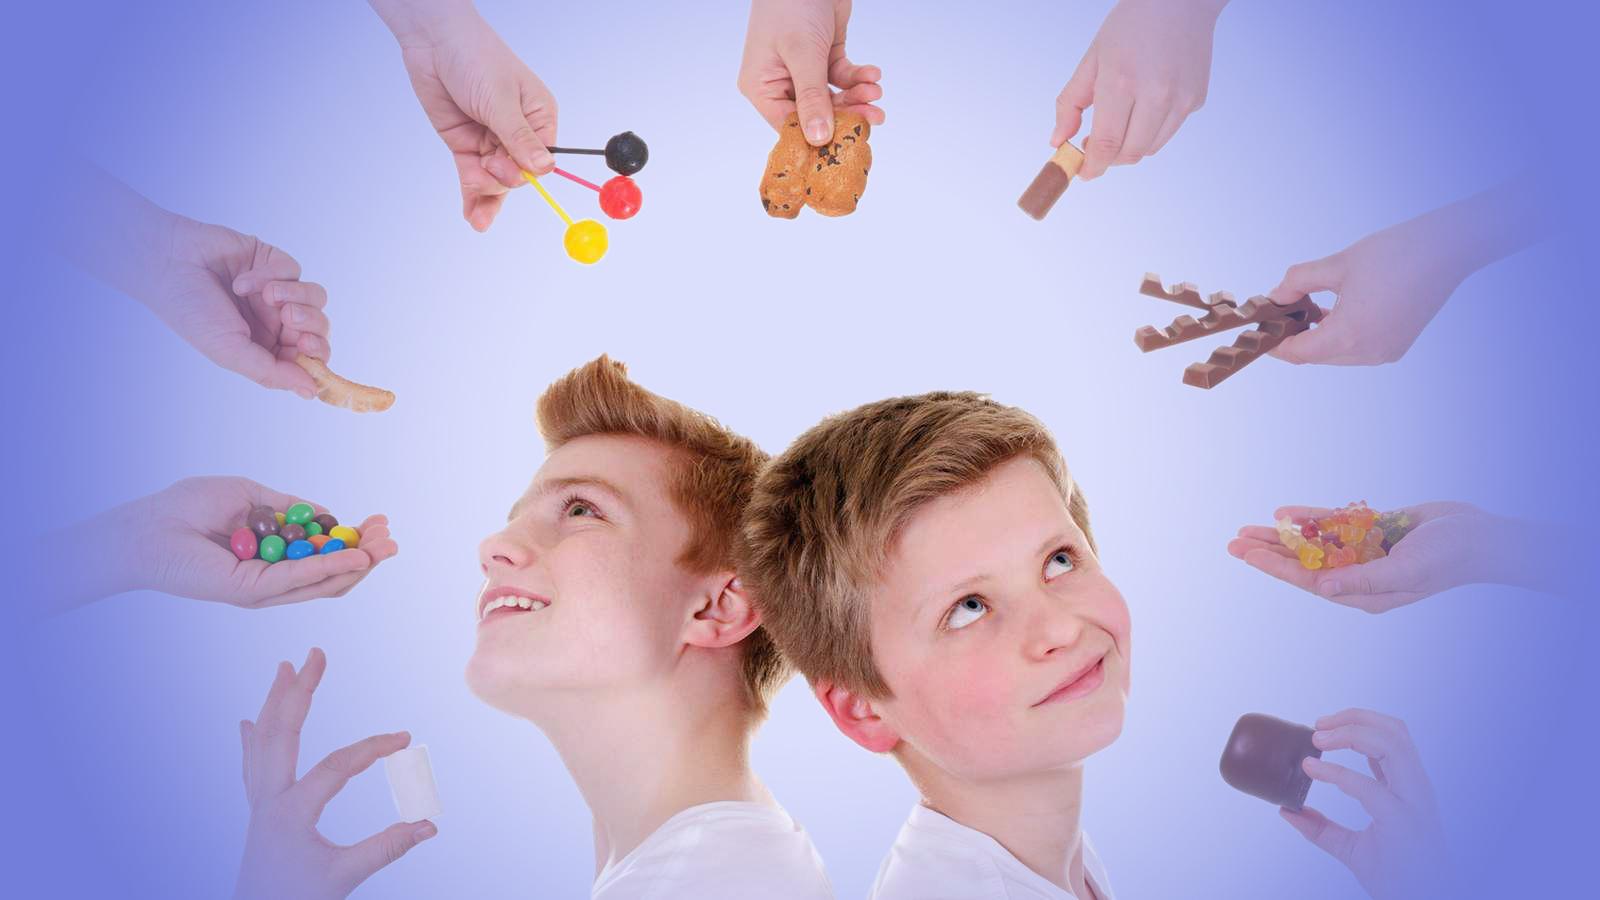 macht zucker kinder krank? Übergewicht und ernährungsbedingte